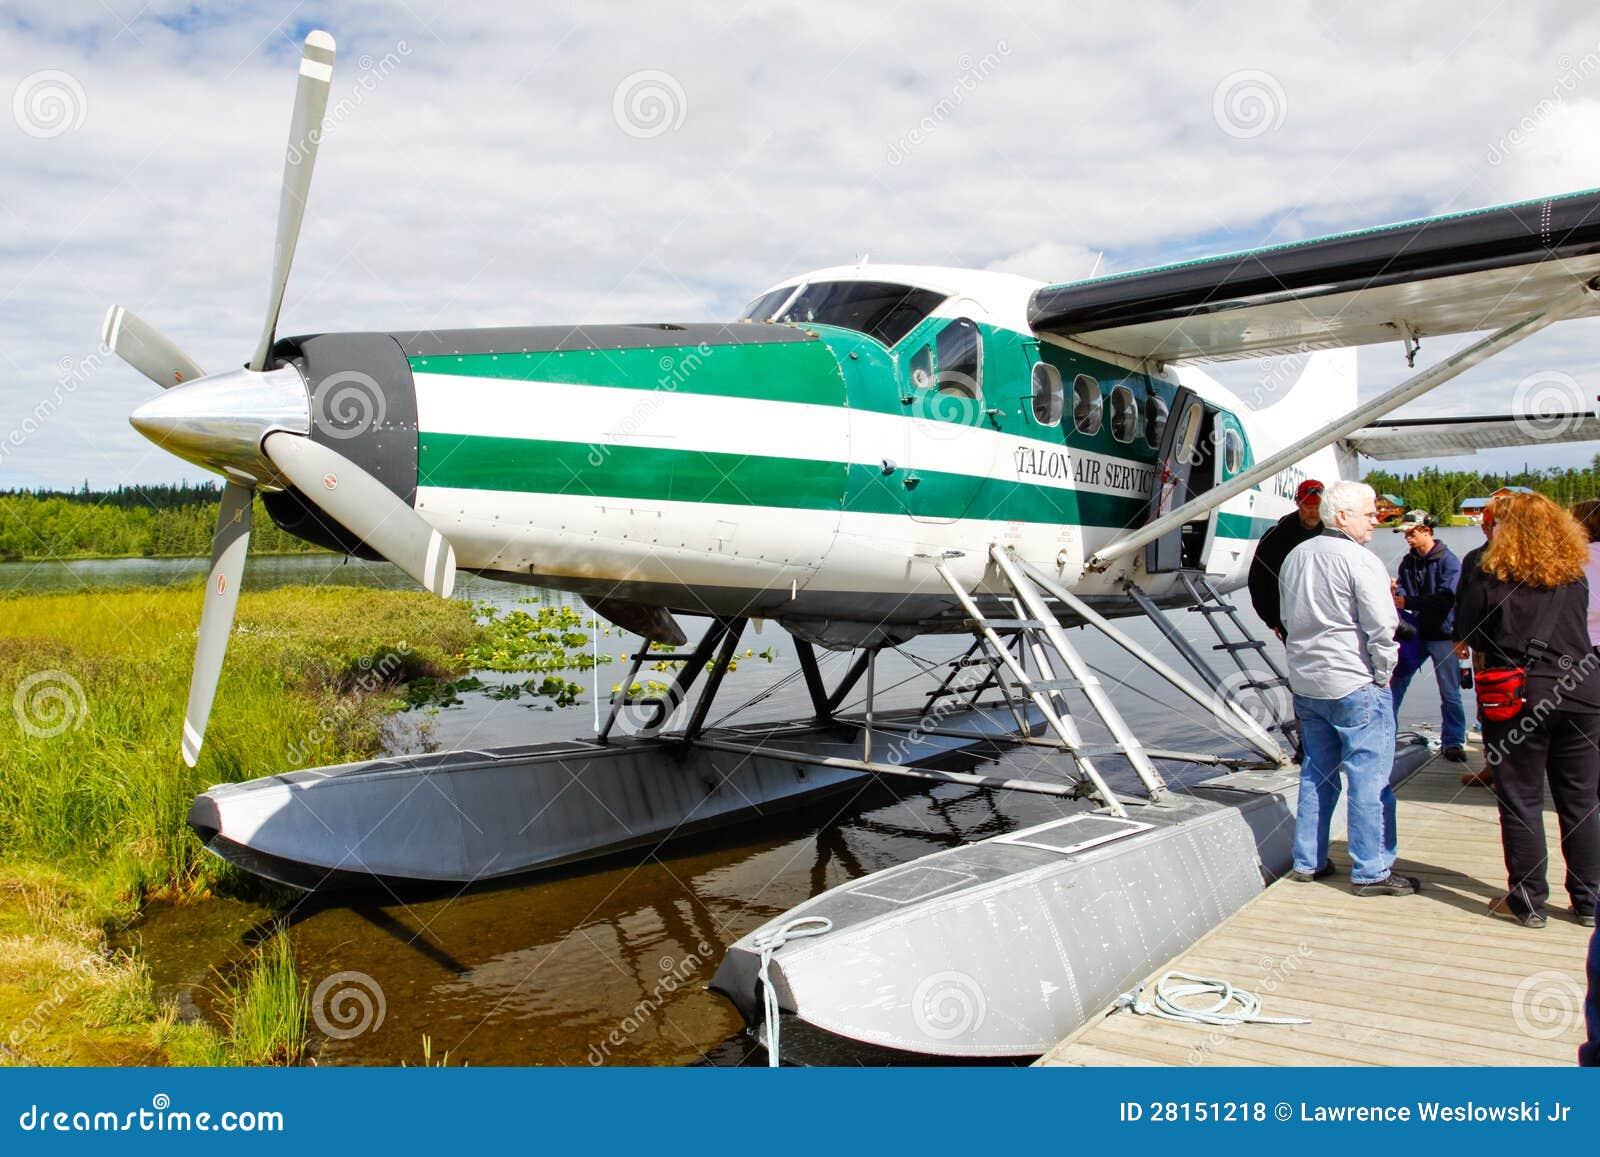 Alaska Float Plane - De Havilland Otter